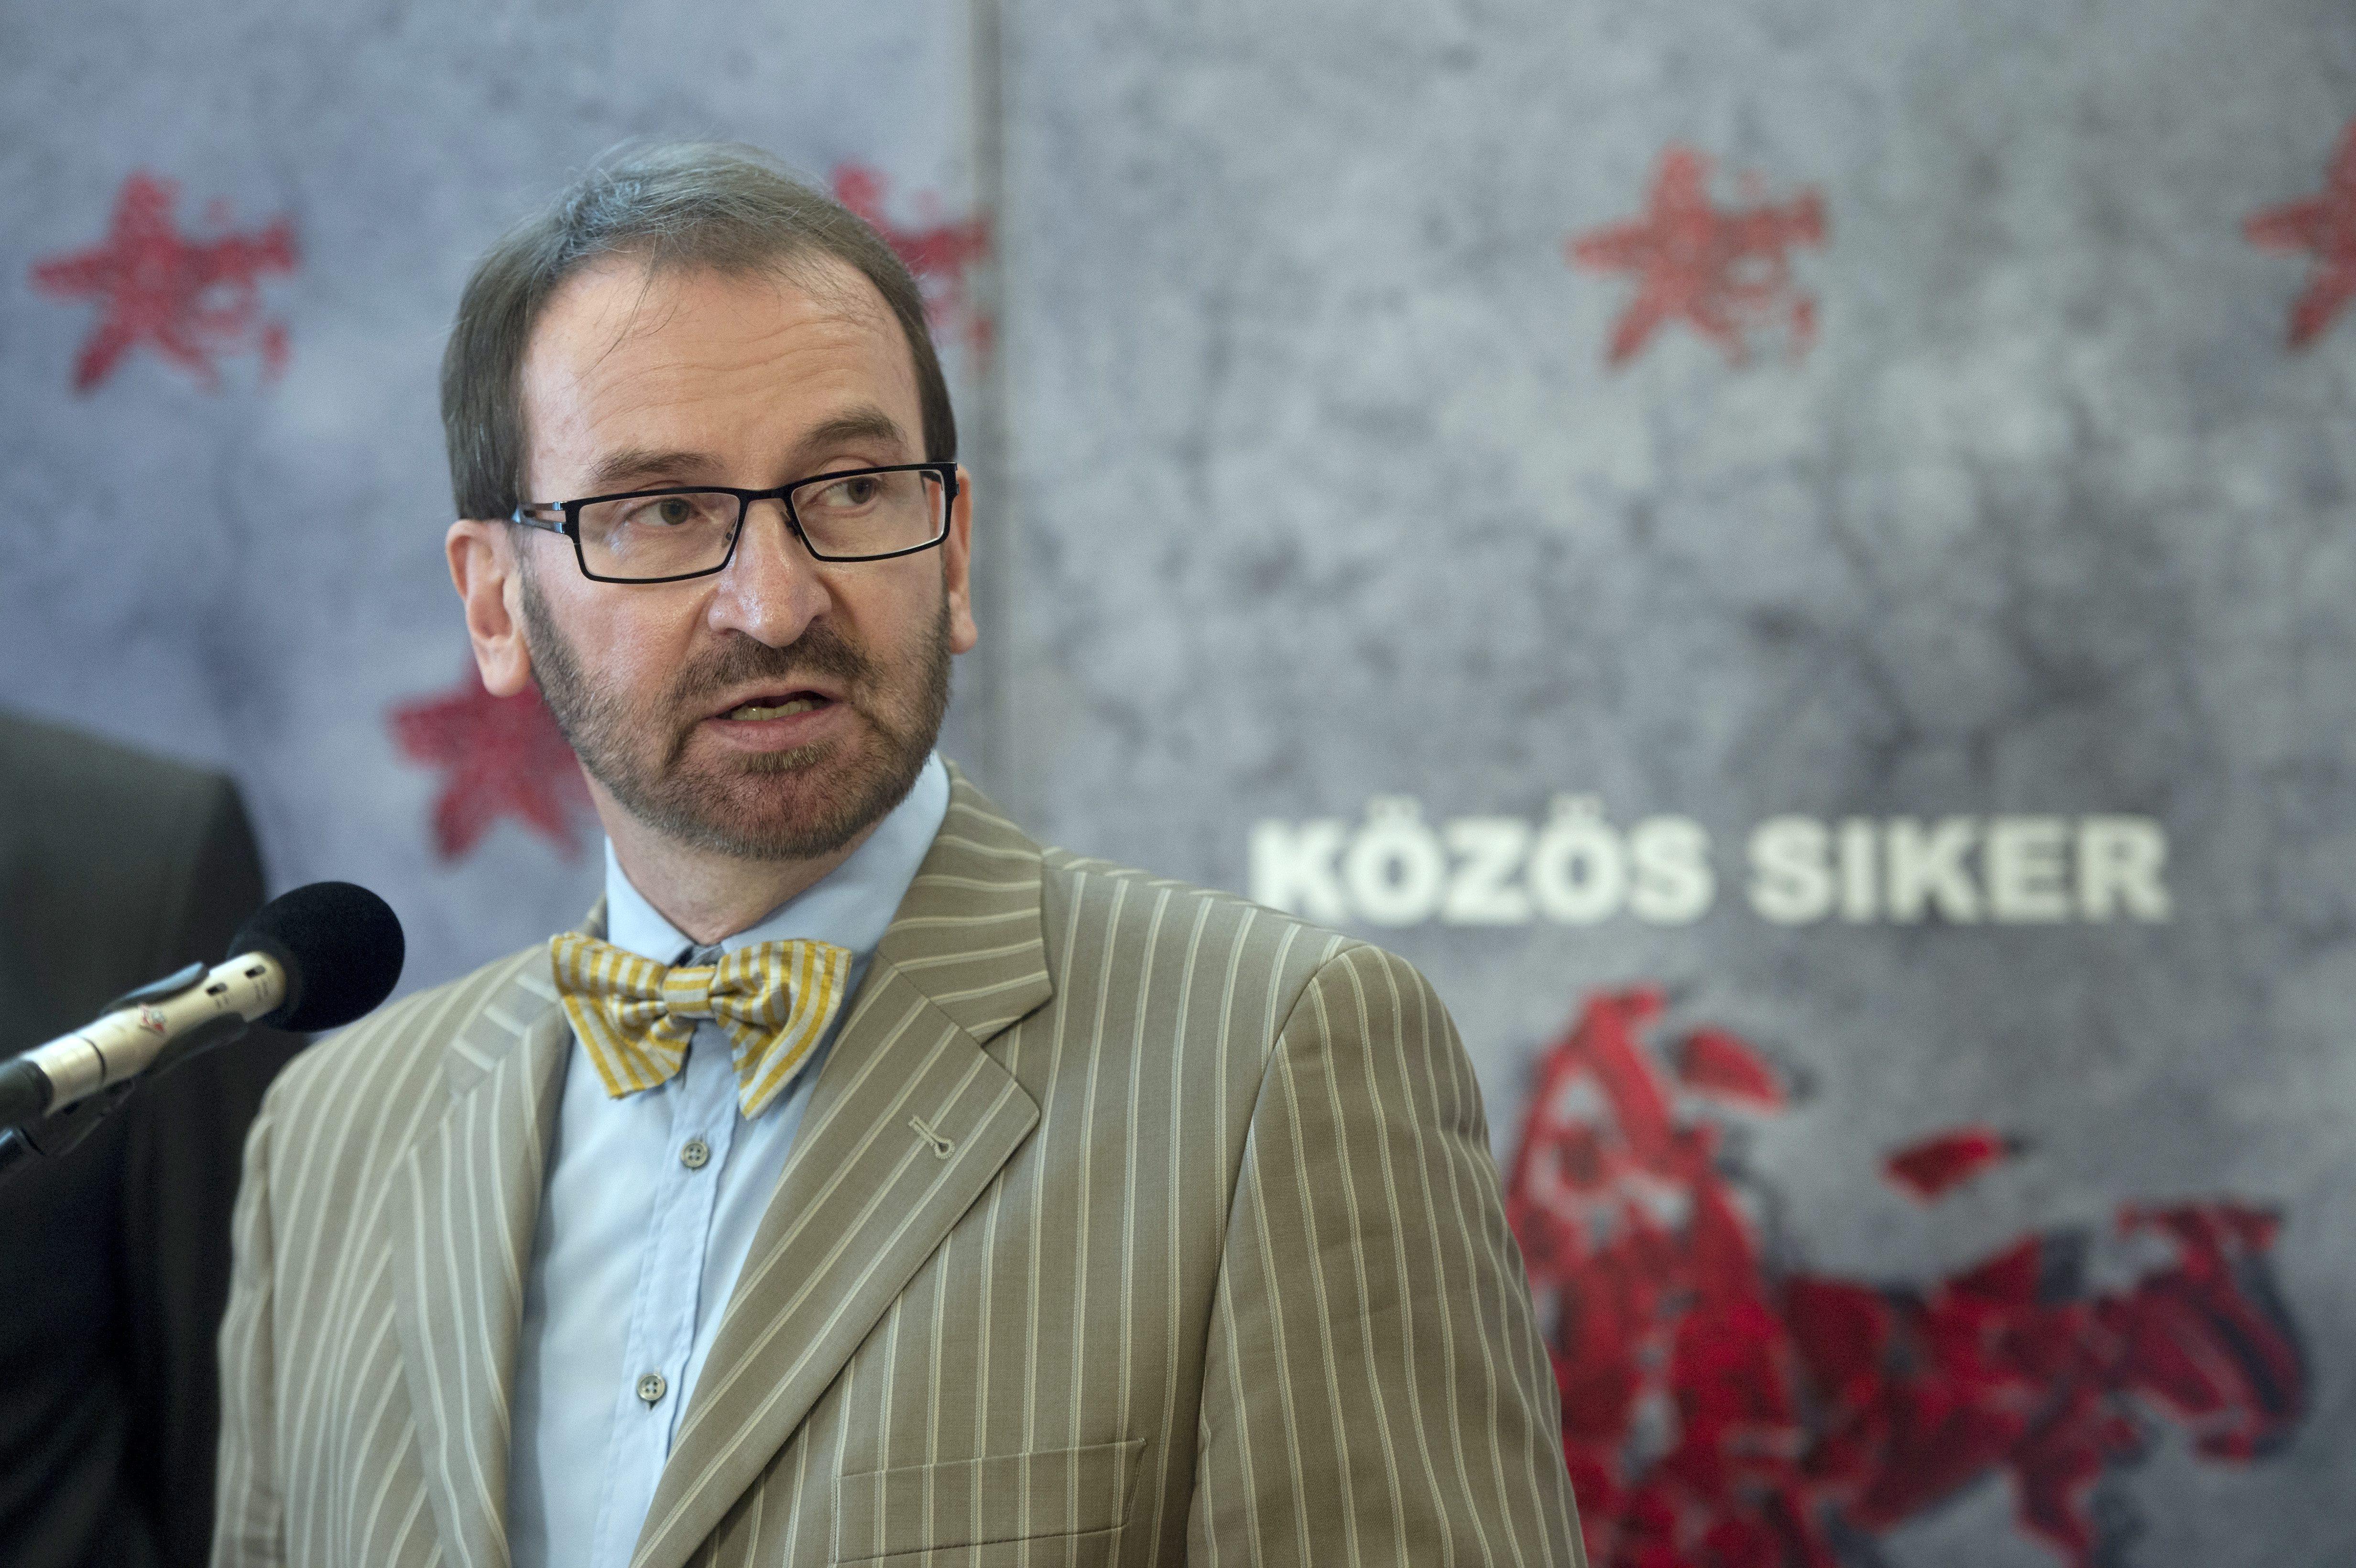 Egy észt diplomatát is előállítottak a szexpartiról, amiről Szájer József az ereszcsatornán távozott